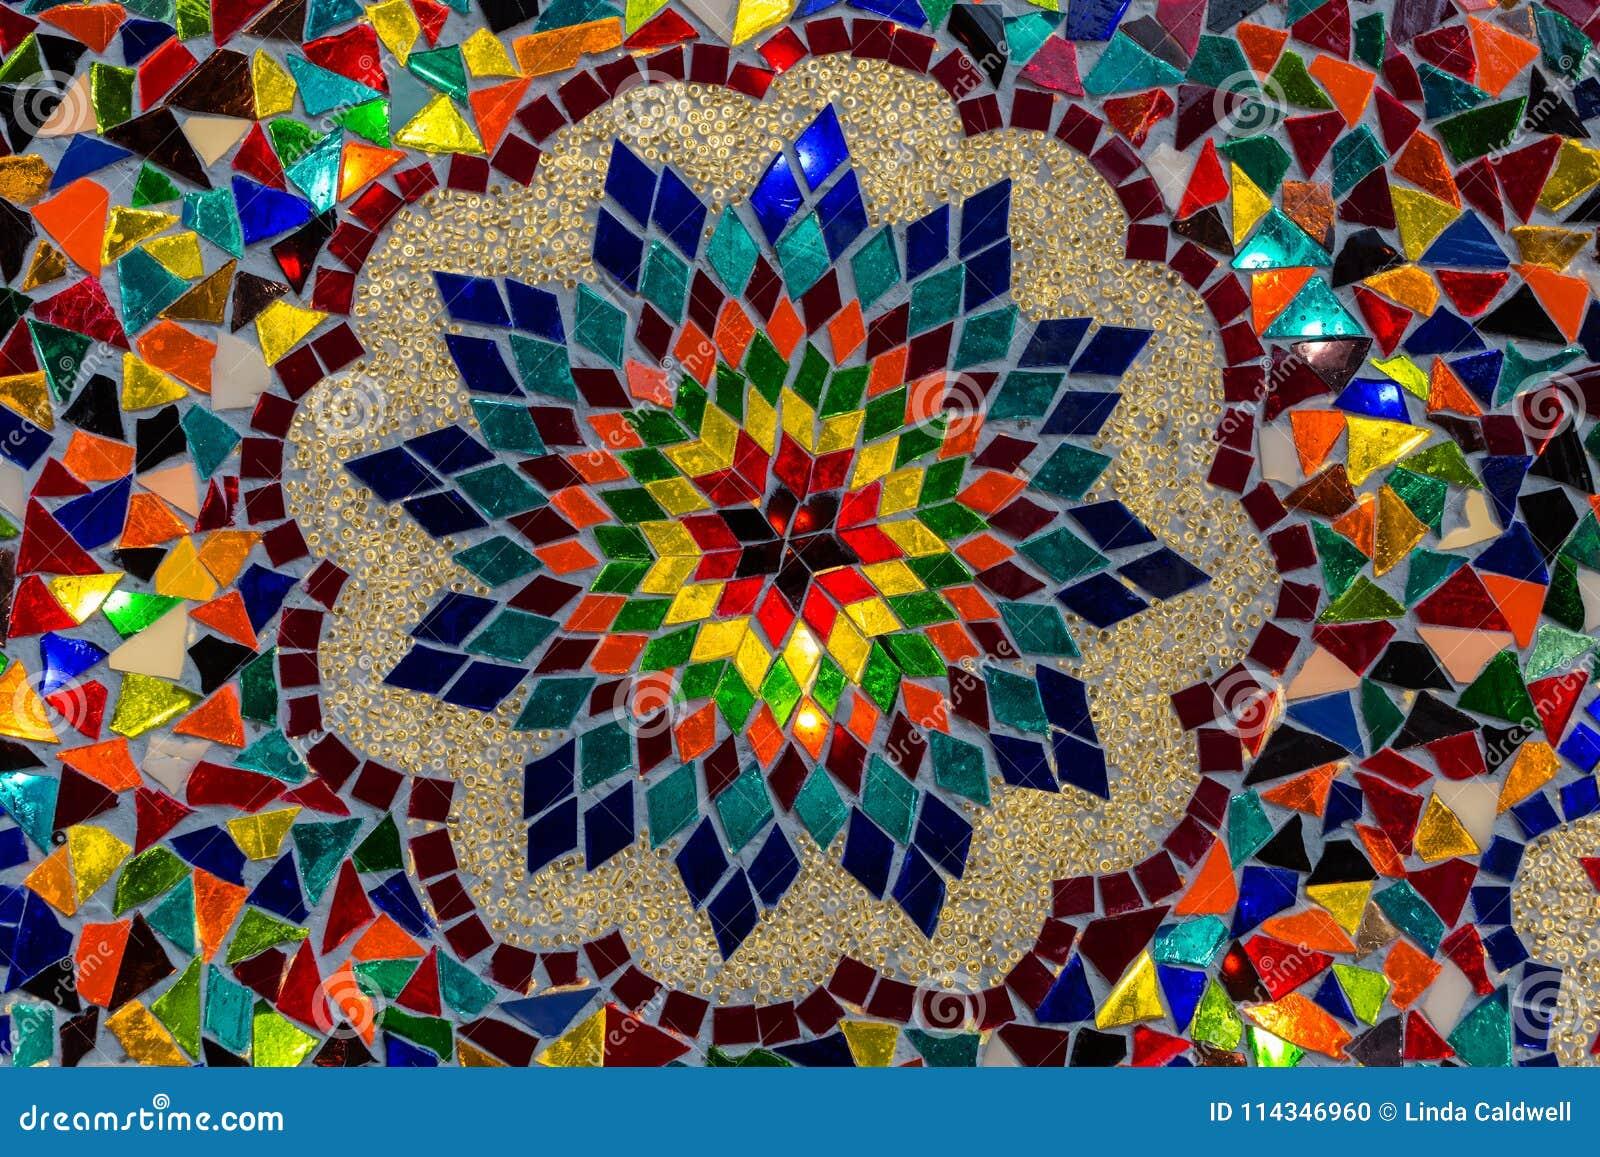 Modele De Mosaique Detaille Sur Une Lampe Photo Stock Image Du Detaille Mosaique 114346960